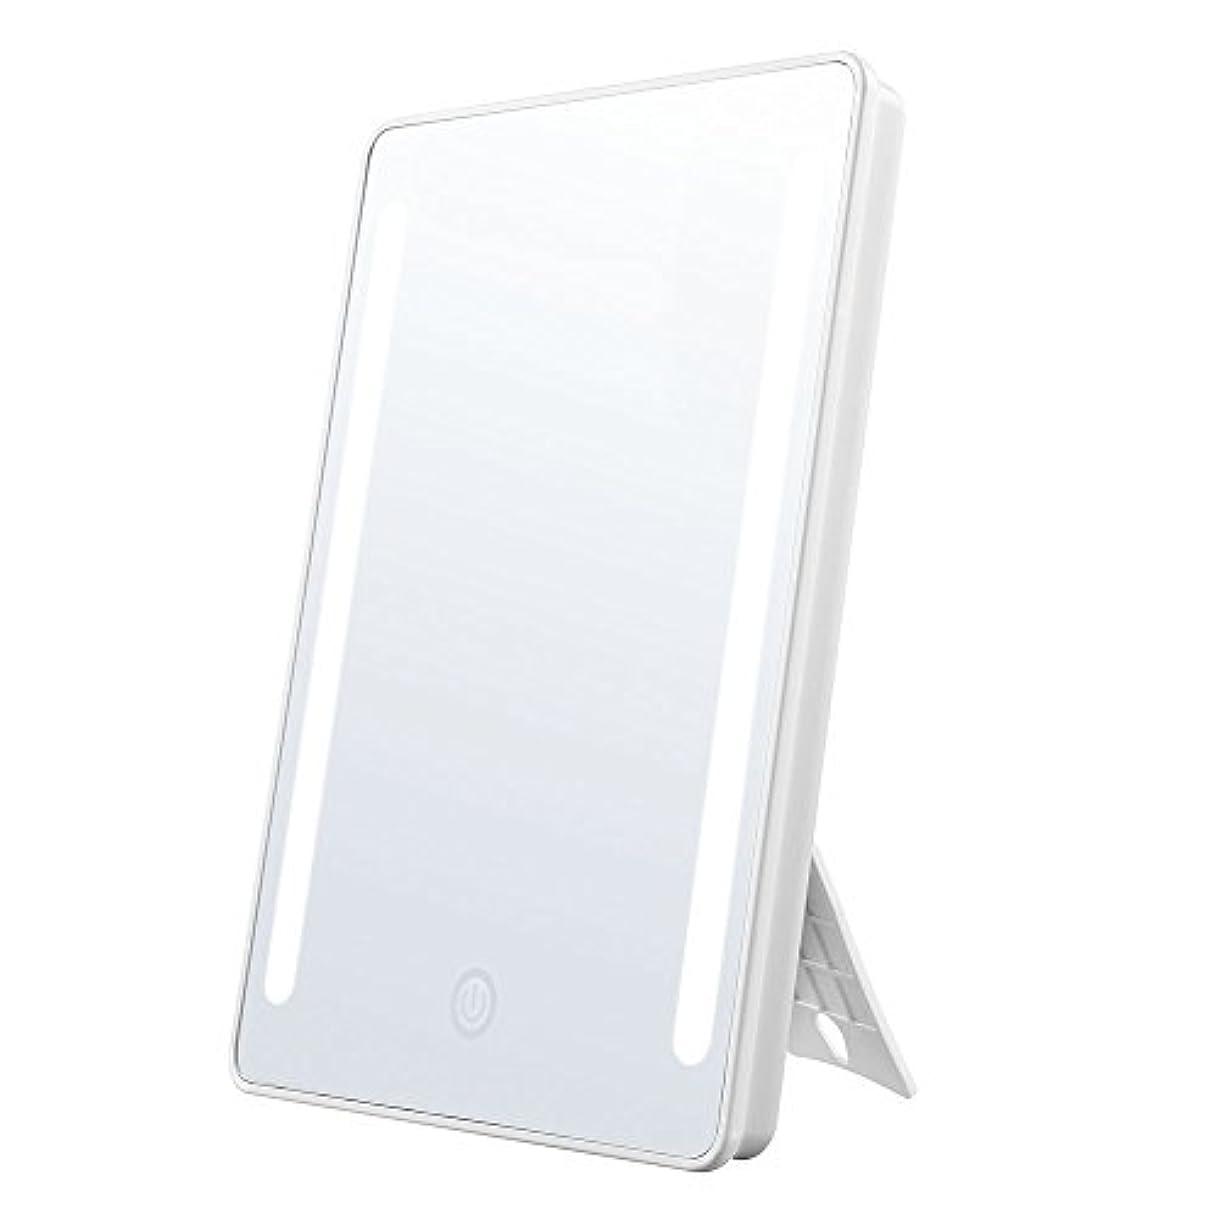 ピット多様体イースターJerrybox 鏡 化粧鏡 卓上鏡 大型 led 鏡 フルフレームLEDライト スタンドミラー 拡大鏡付き